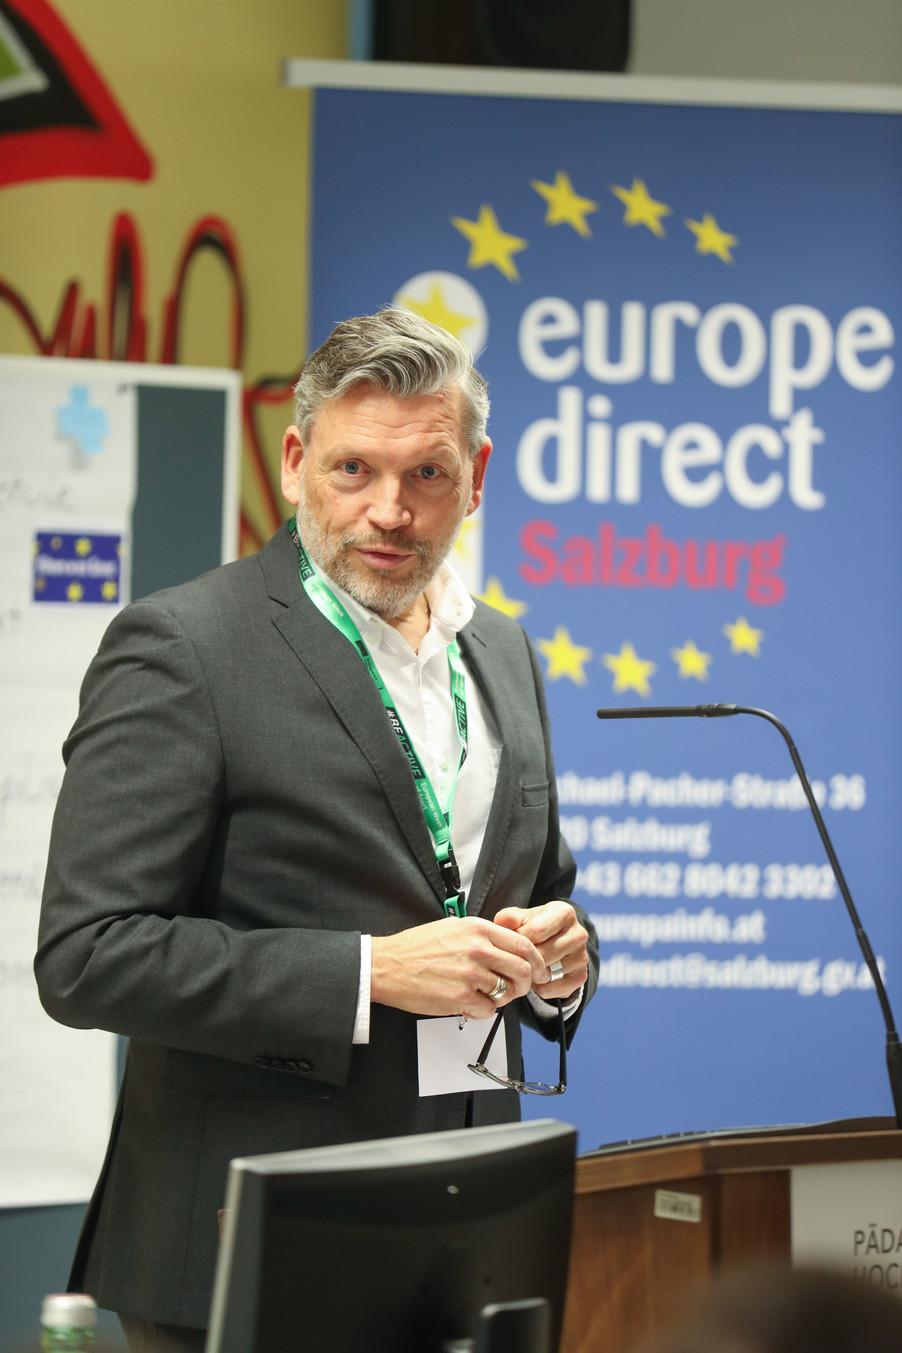 Bild 21 | SALZBURG - 2019-11-25: Die EU und die Medien Europapolitische Bildungsarbeit im ...